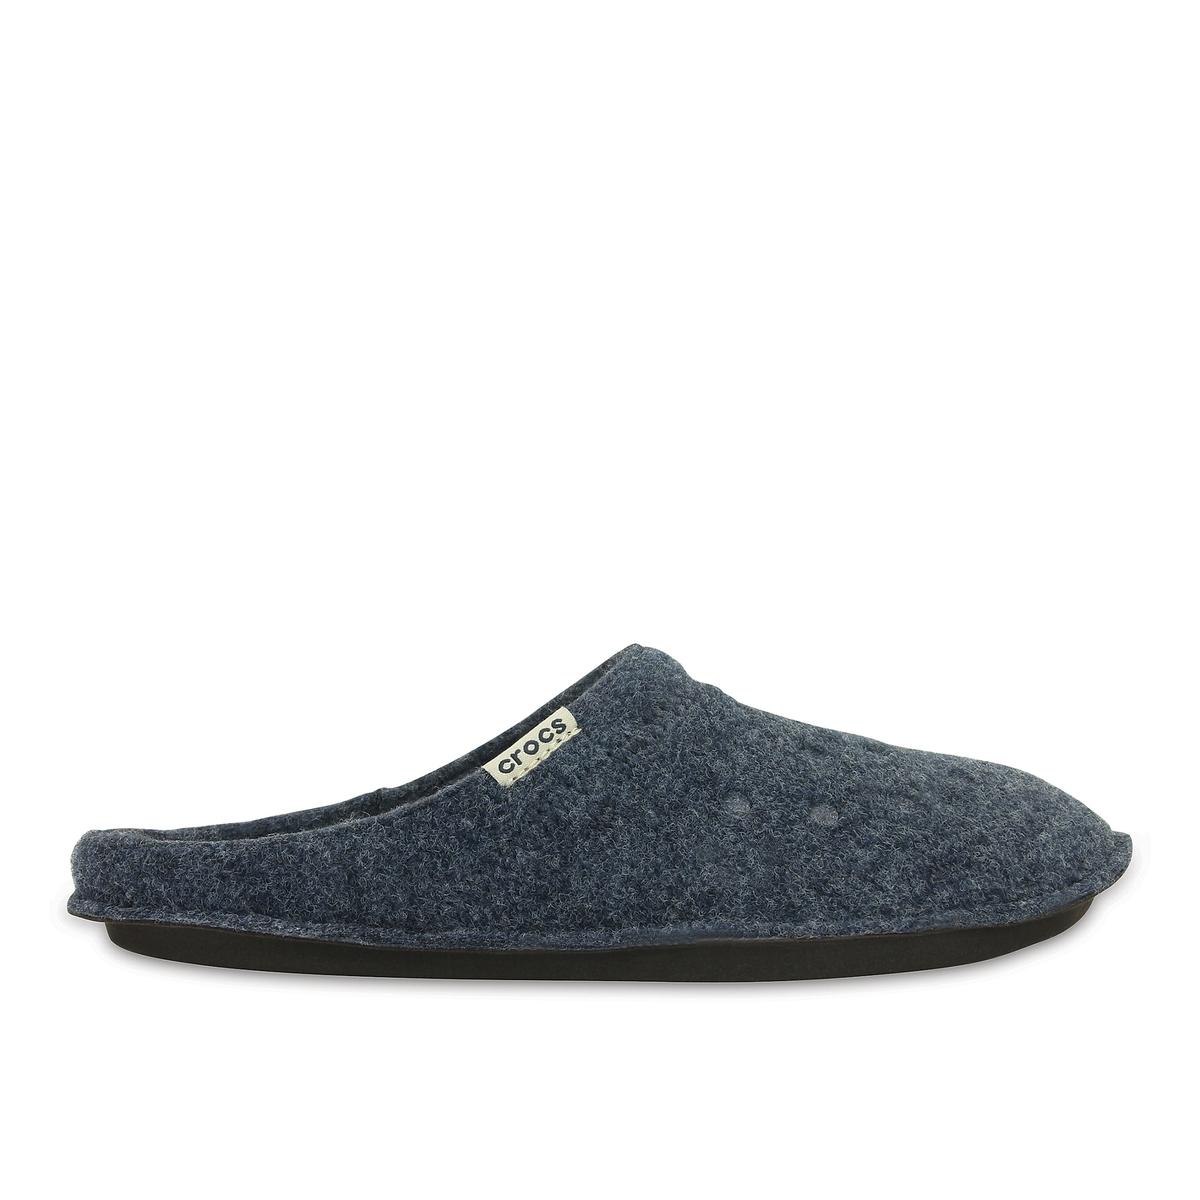 Туфли La Redoute Без задника CLASSIC SLIPPER 41/42 синий